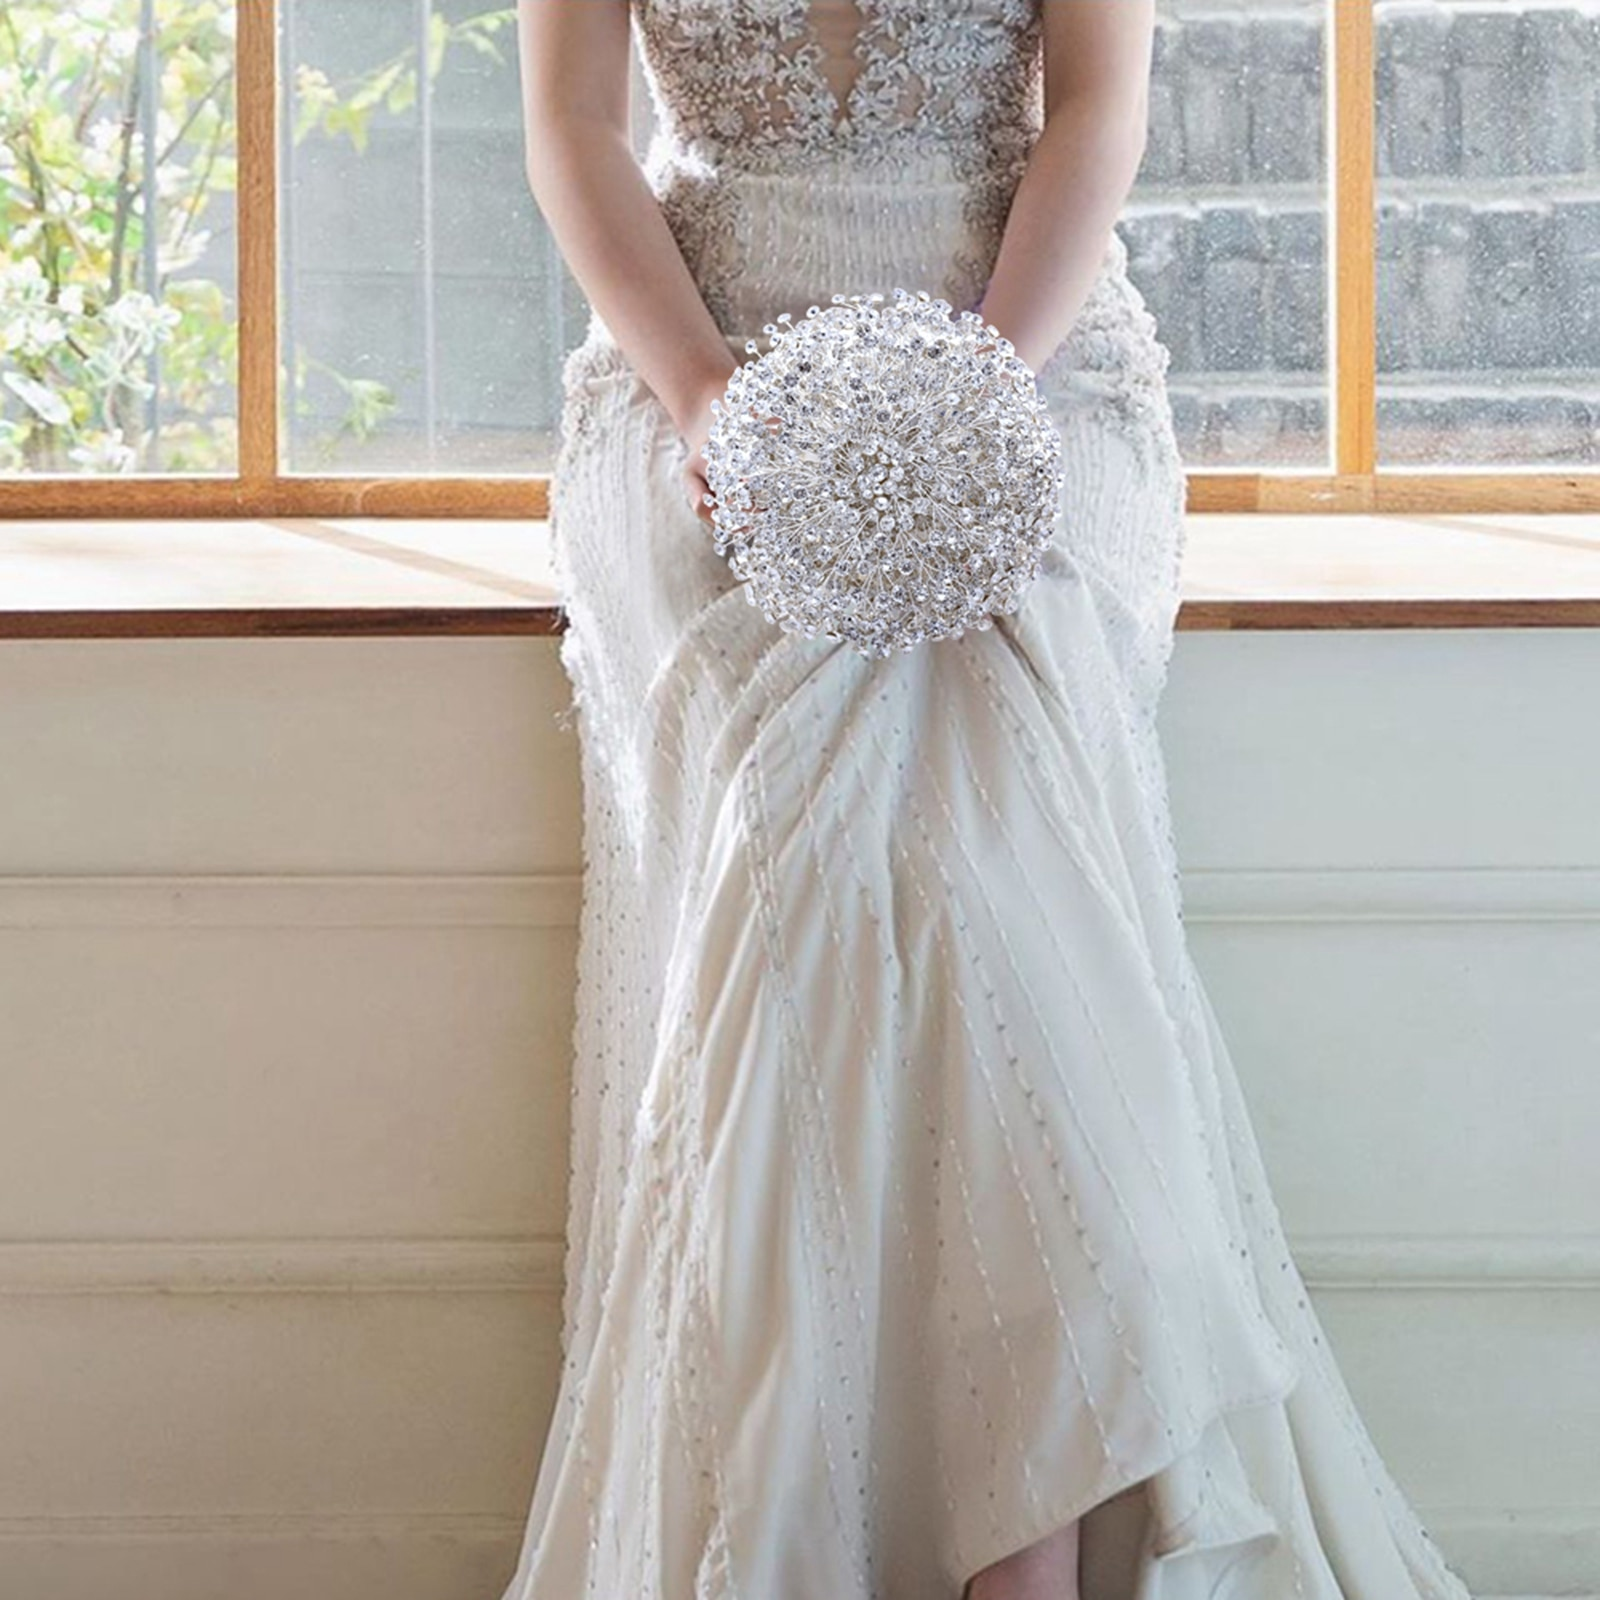 Блестящий серебряный Свадебный букет со стразами, Цветочные свадебные аксессуары, свадебный букет, жемчужный Свадебный букет для невесты, ...